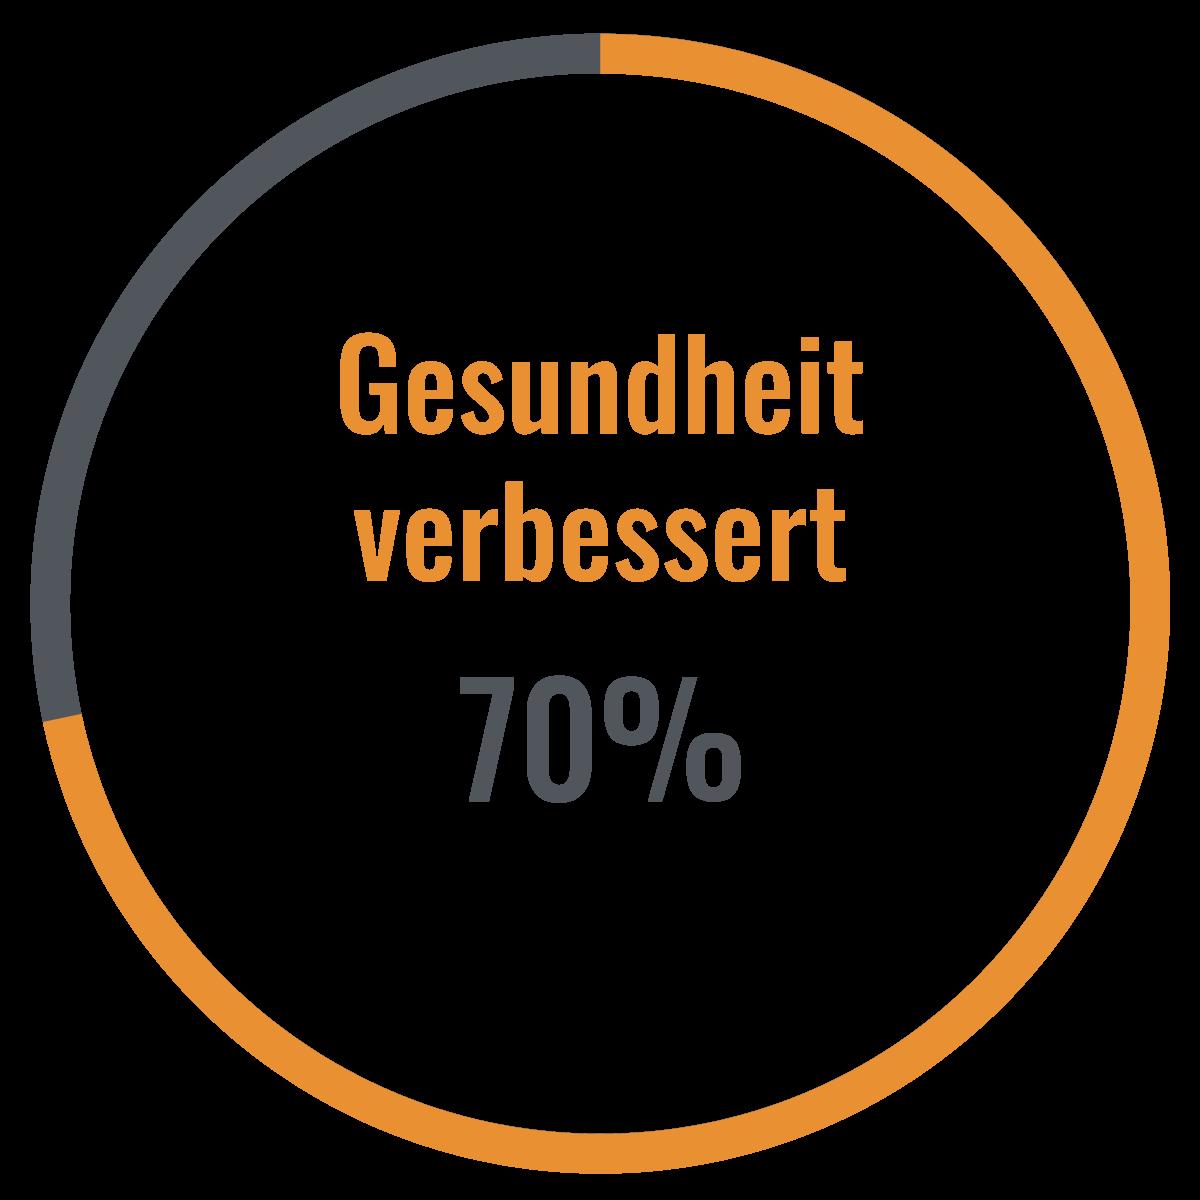 Alkohol-Pause mit Bierfreichallenge: Gesundheit verbessert durch Alkohol-Pause. Skill Bar, Grafik.